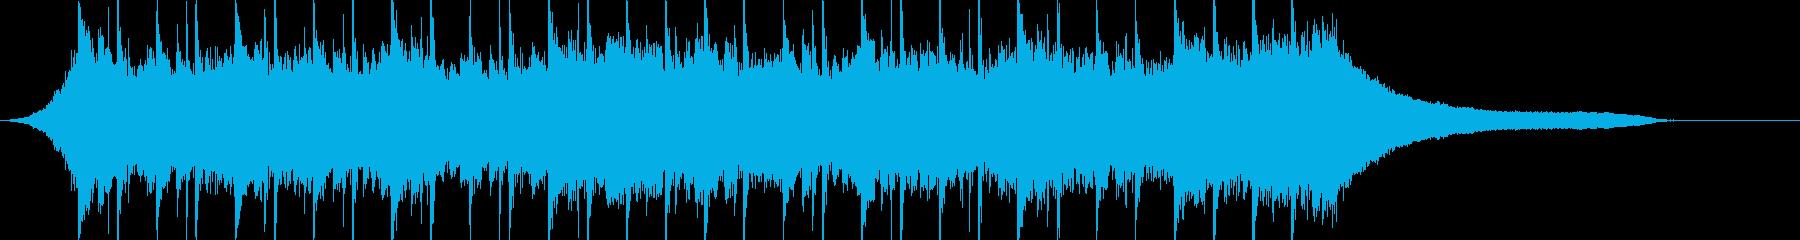 企業VP116、爽快、シンプル、ピアノcの再生済みの波形